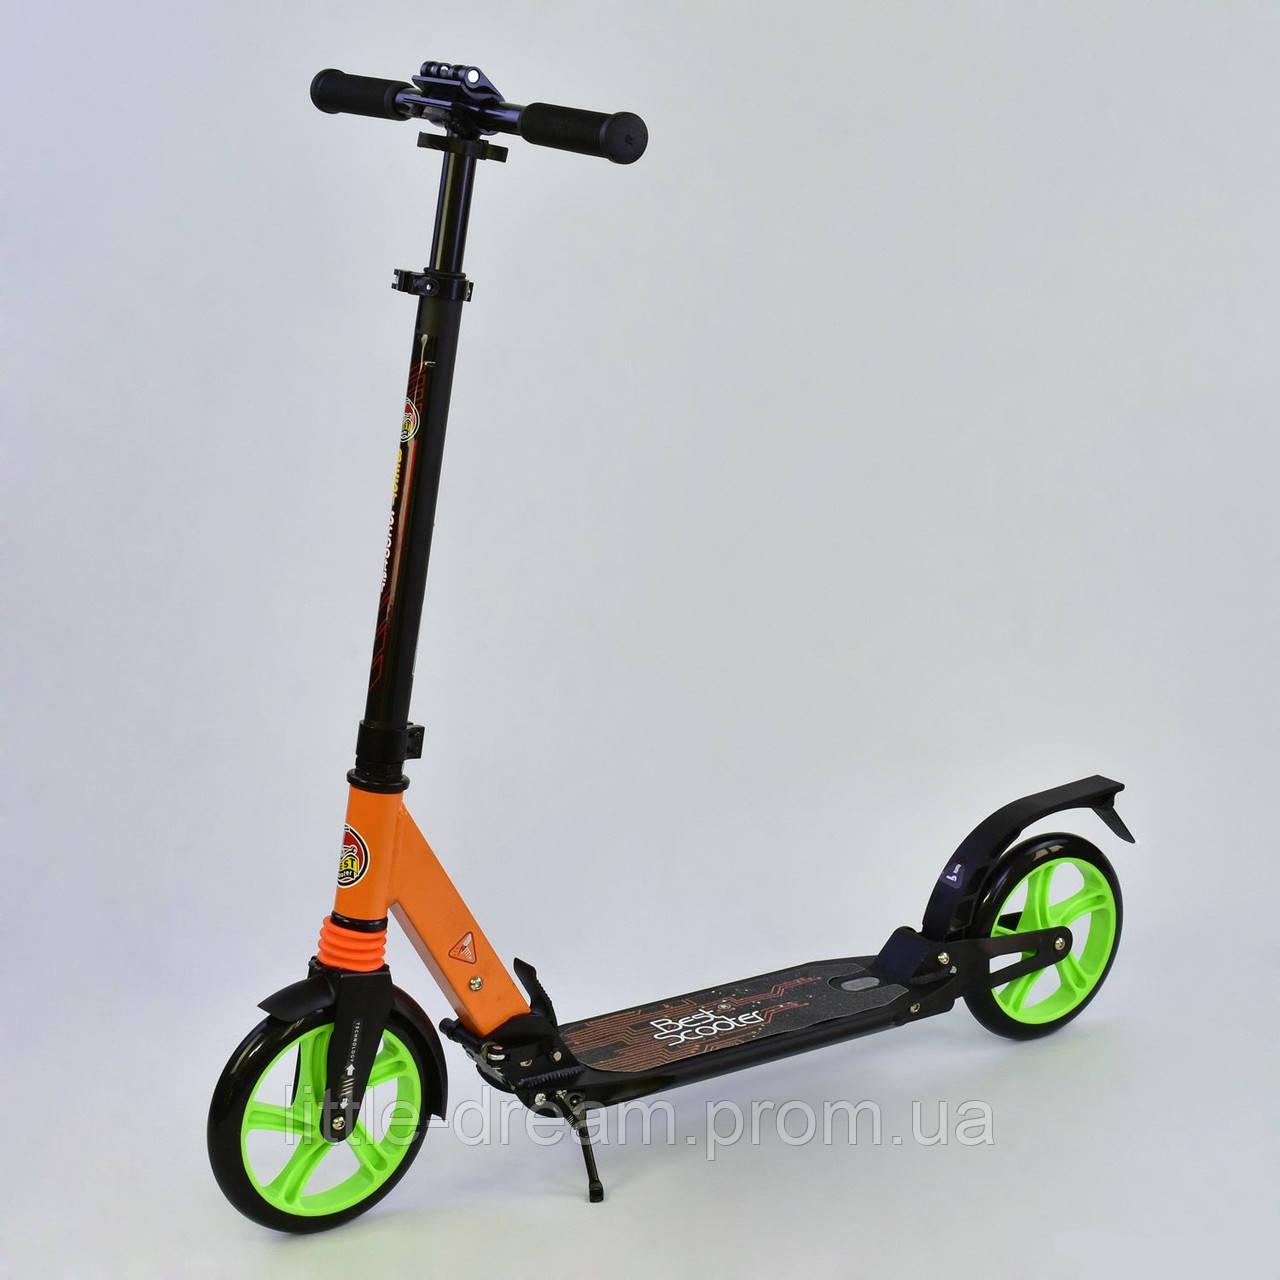 Самокат 00055, оранжевый, колеса PU, d=20 см, 2 амортизатора (передний и задний), грипcы резиновые